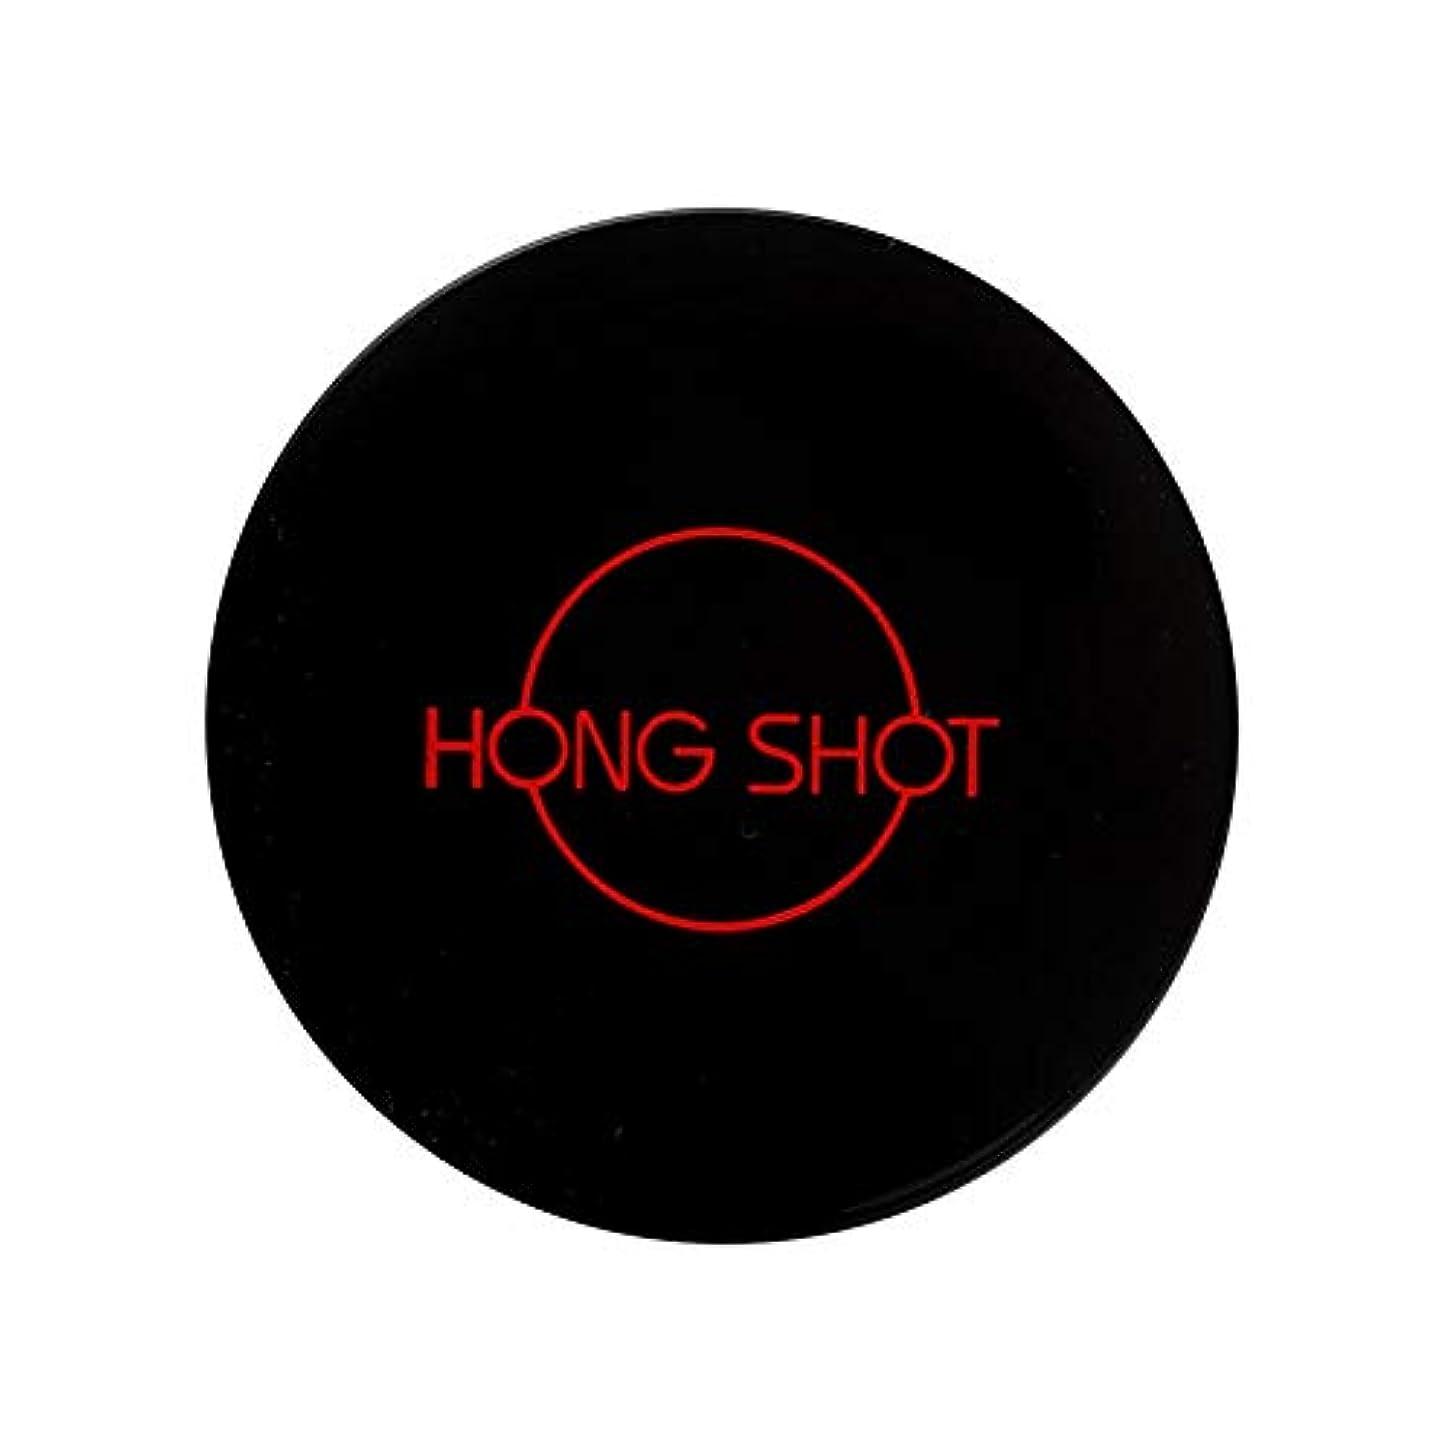 メイトドリルベッツィトロットウッド[HONG SHOT] ホンシャトパワーラスティングコンシルファクト 16g / HONGSHOT POWER LASTING CONCEAL PACT 16g / Hongjinyoung PACT [並行輸入品] (...